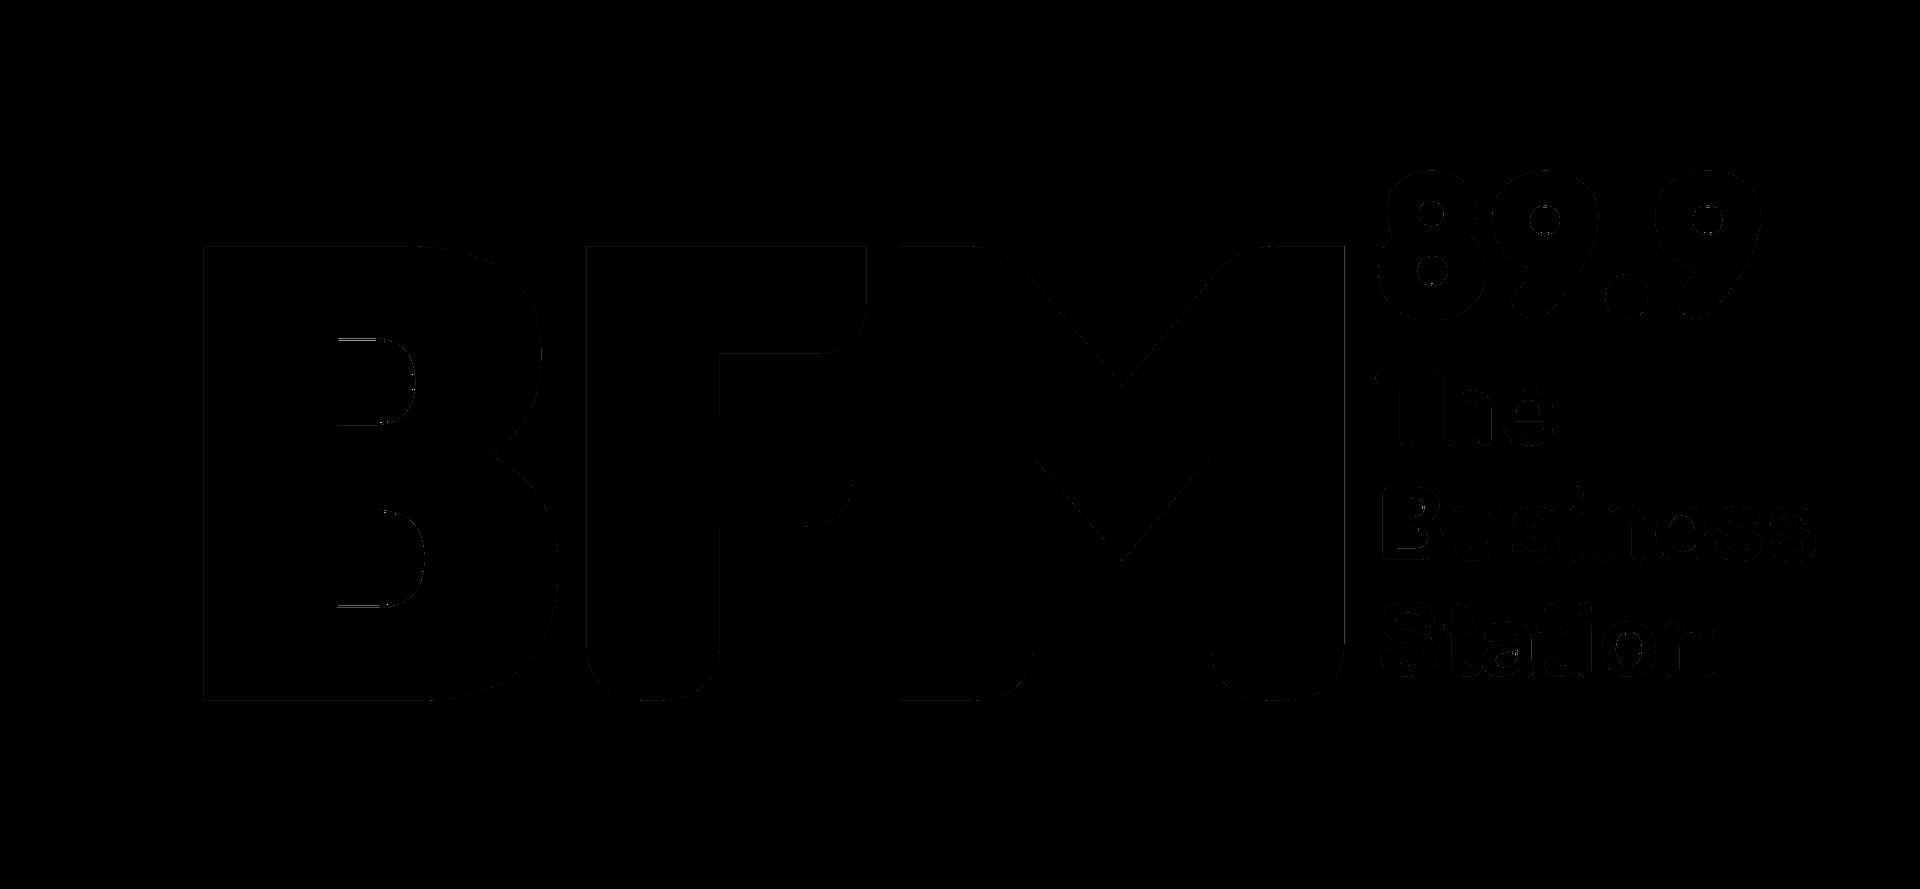 logo-bfm-png-8